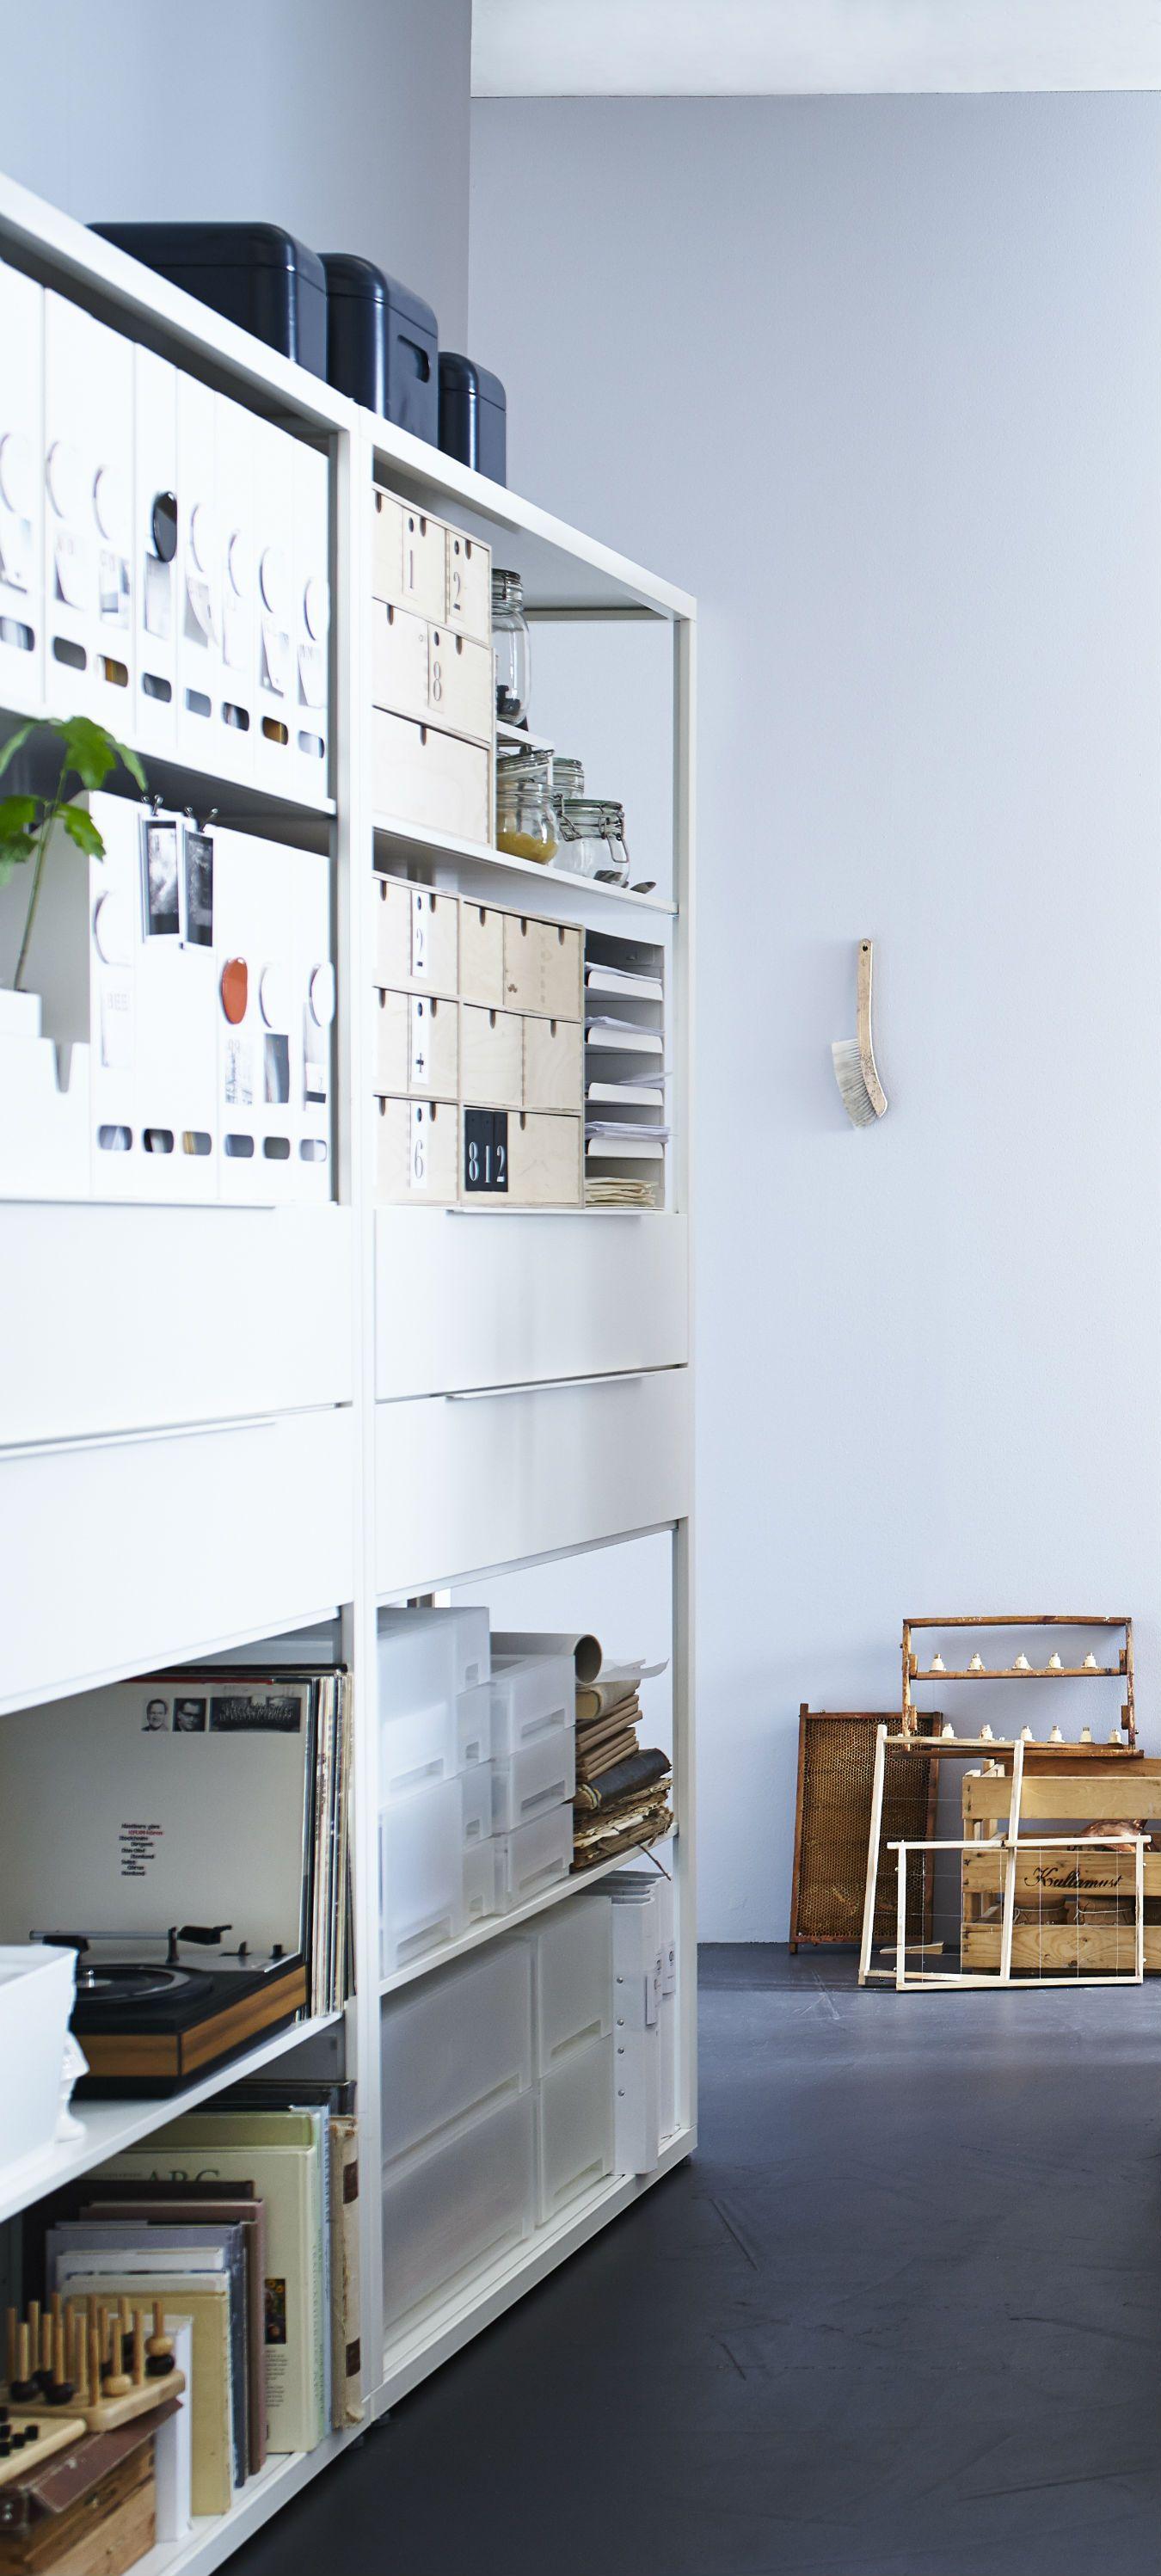 Fj 196 Lkinge Shelf Unit With Drawers White 2015 Ikea Catalog